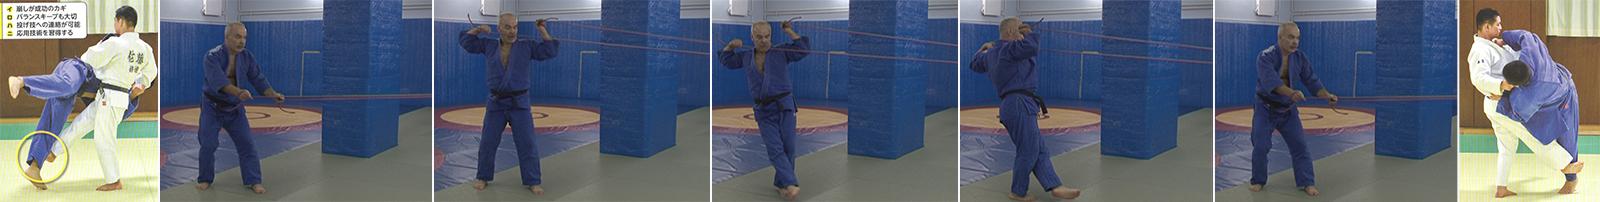 Упражнения с резиновым эспандером. Бросок передняя подсечка- Sasae-tsurikomi-ashi.